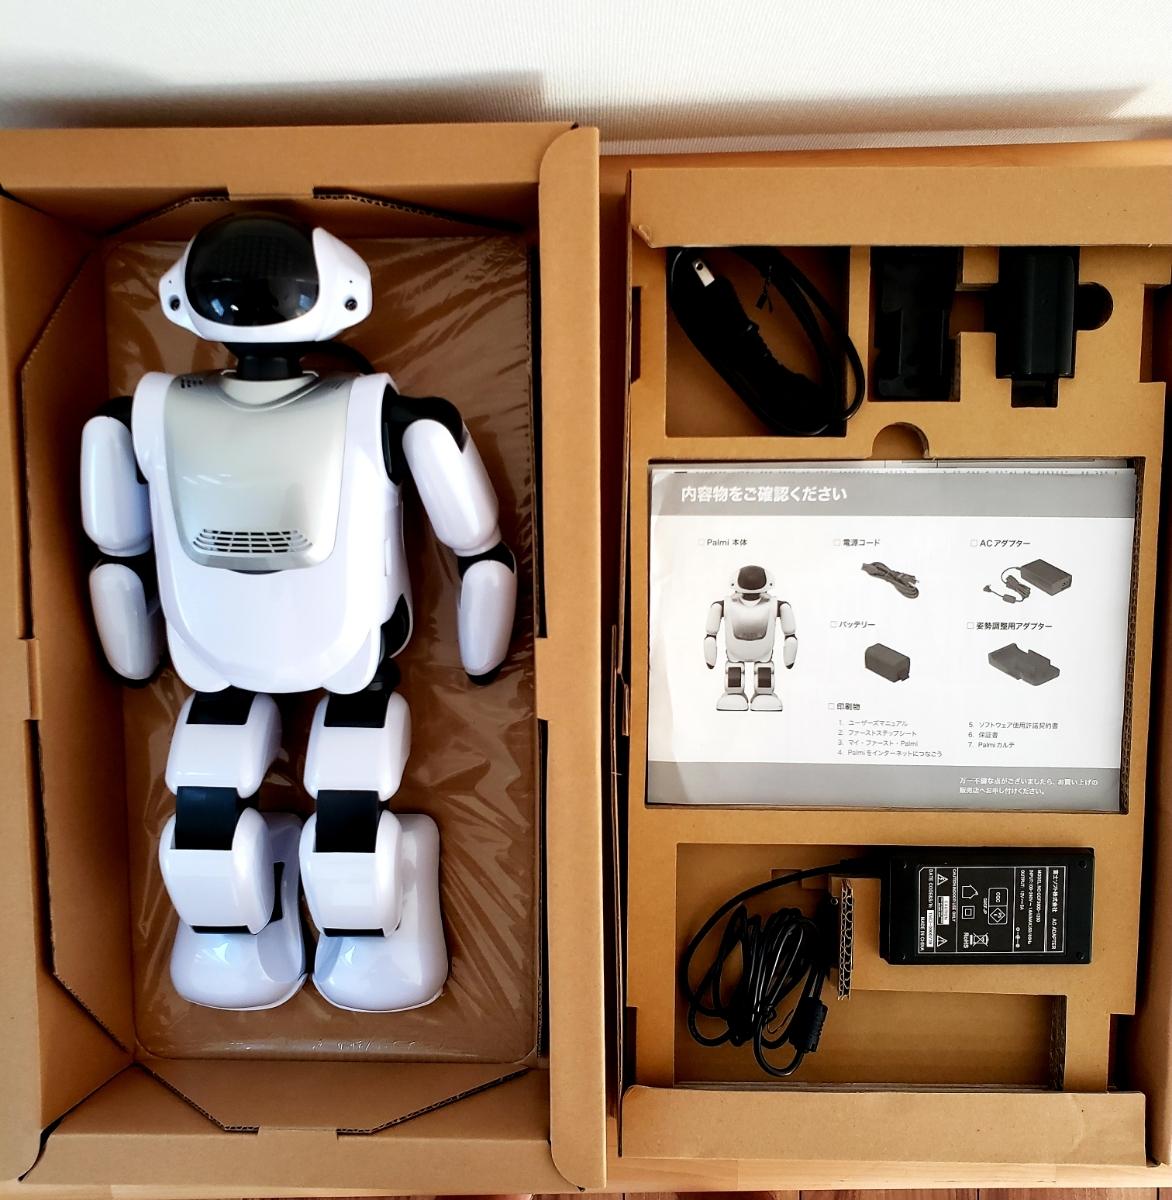 【美品・送料無料・即決あり】DMM make ROBOTS/FUJISOFT Palmi(パルミー) 二足歩行ロボット PRT-D004JW 購入価格32万円_画像7